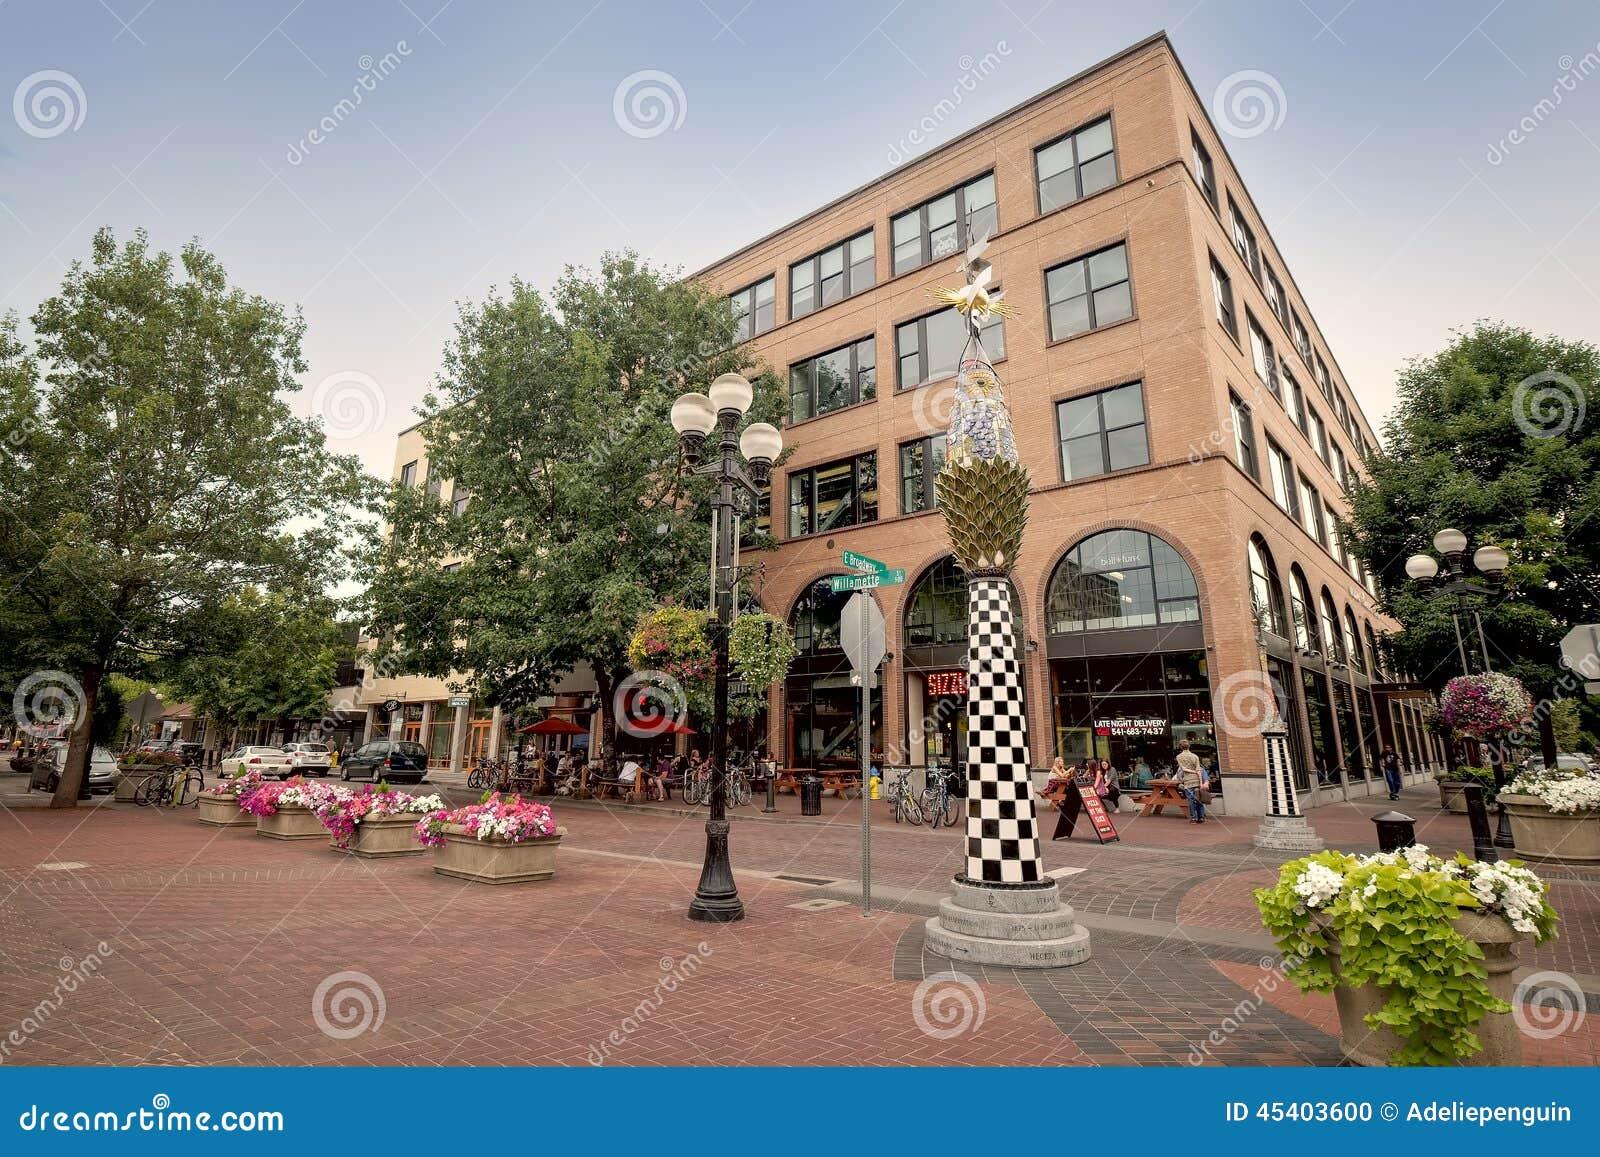 Park Street Cafe Eugene